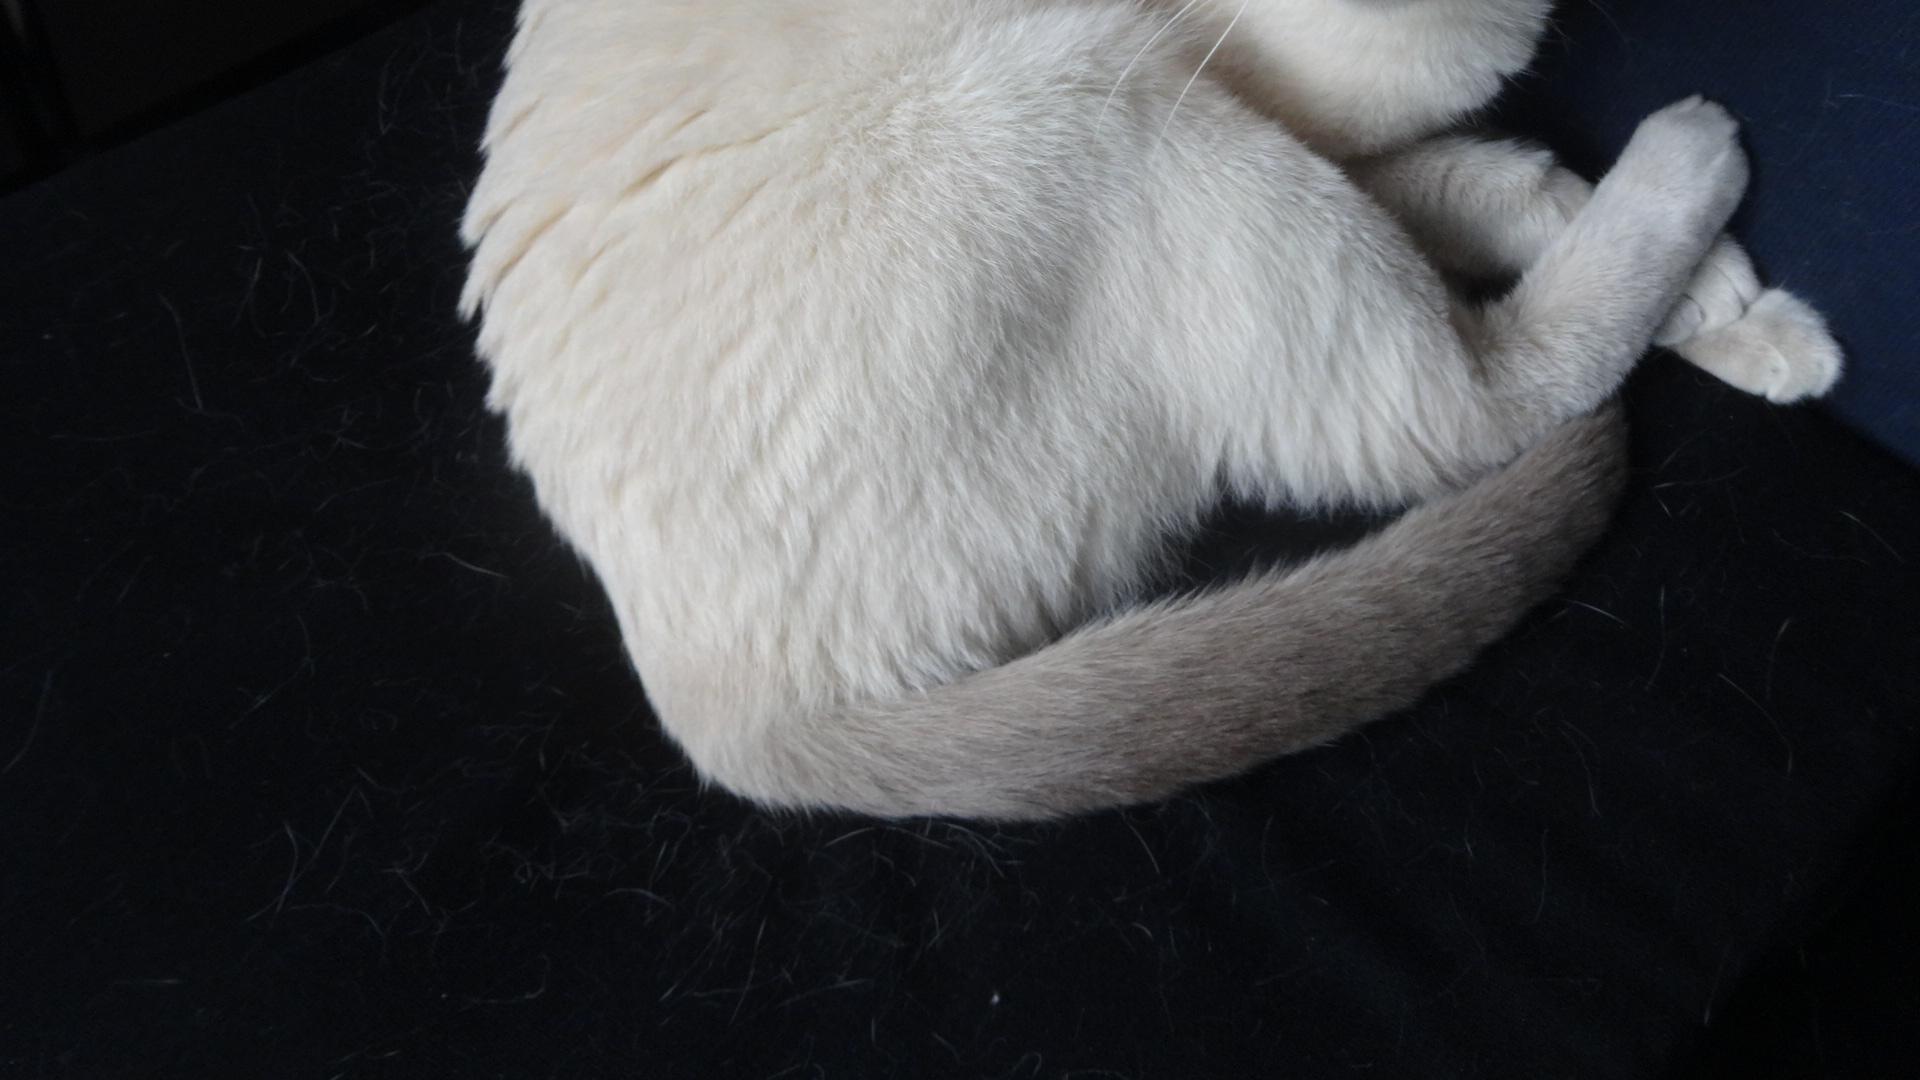 クッションの真ん中の凹んだ部分にしっかりとお尻を入れている楓